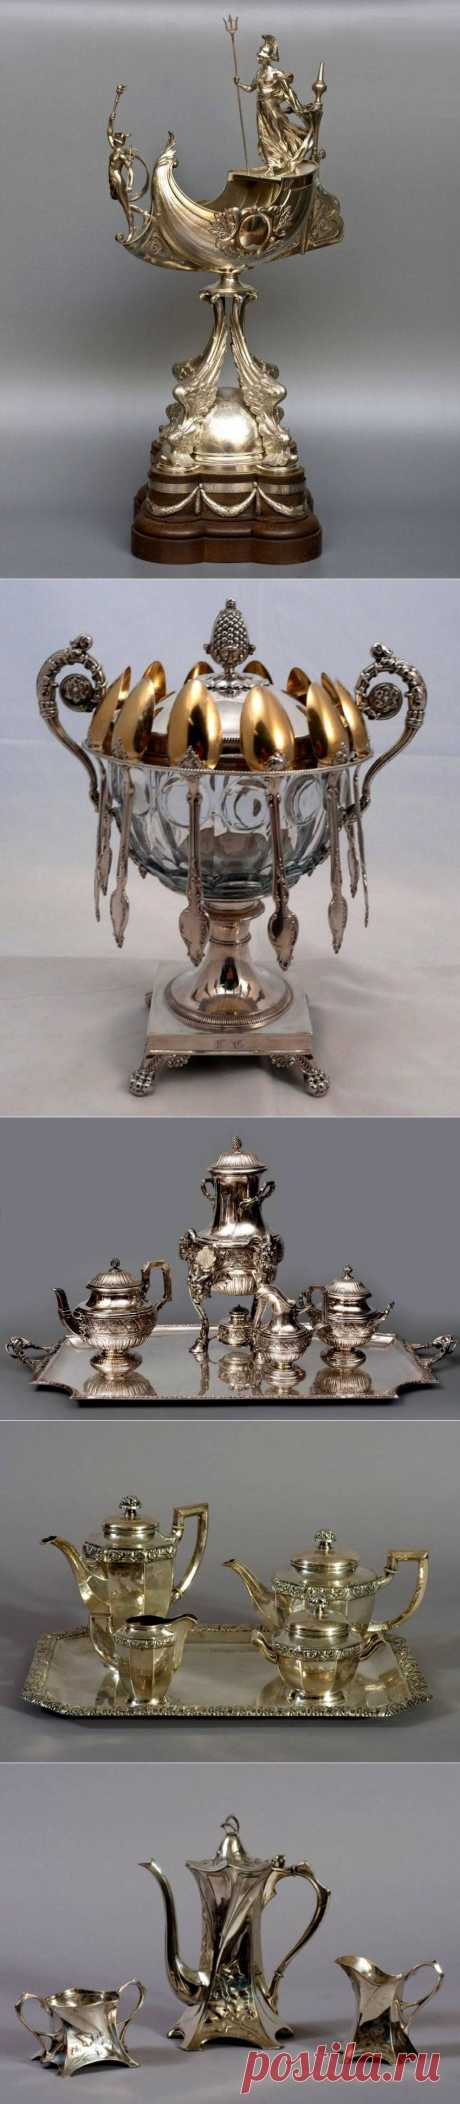 Антикварно-аукционное серебро.